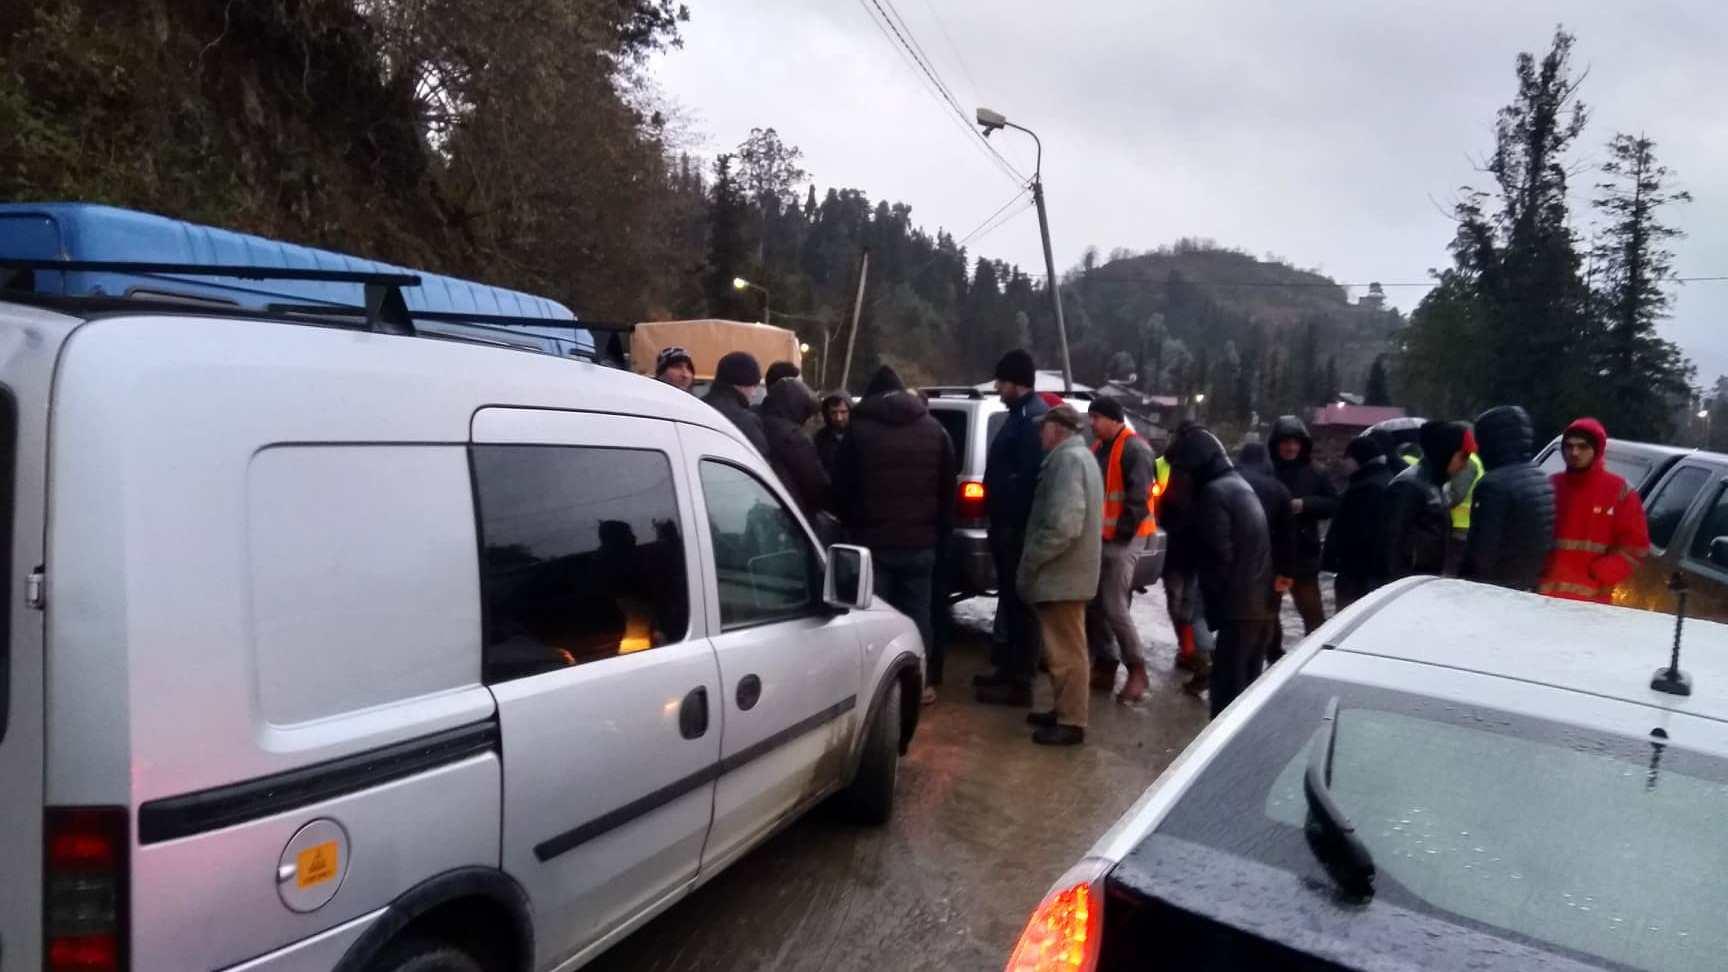 სოფლის გზის დაზიანებისთვის ავტობანის მშენებლებს მოქალაქეებმა გზა ჩაუხერგეს